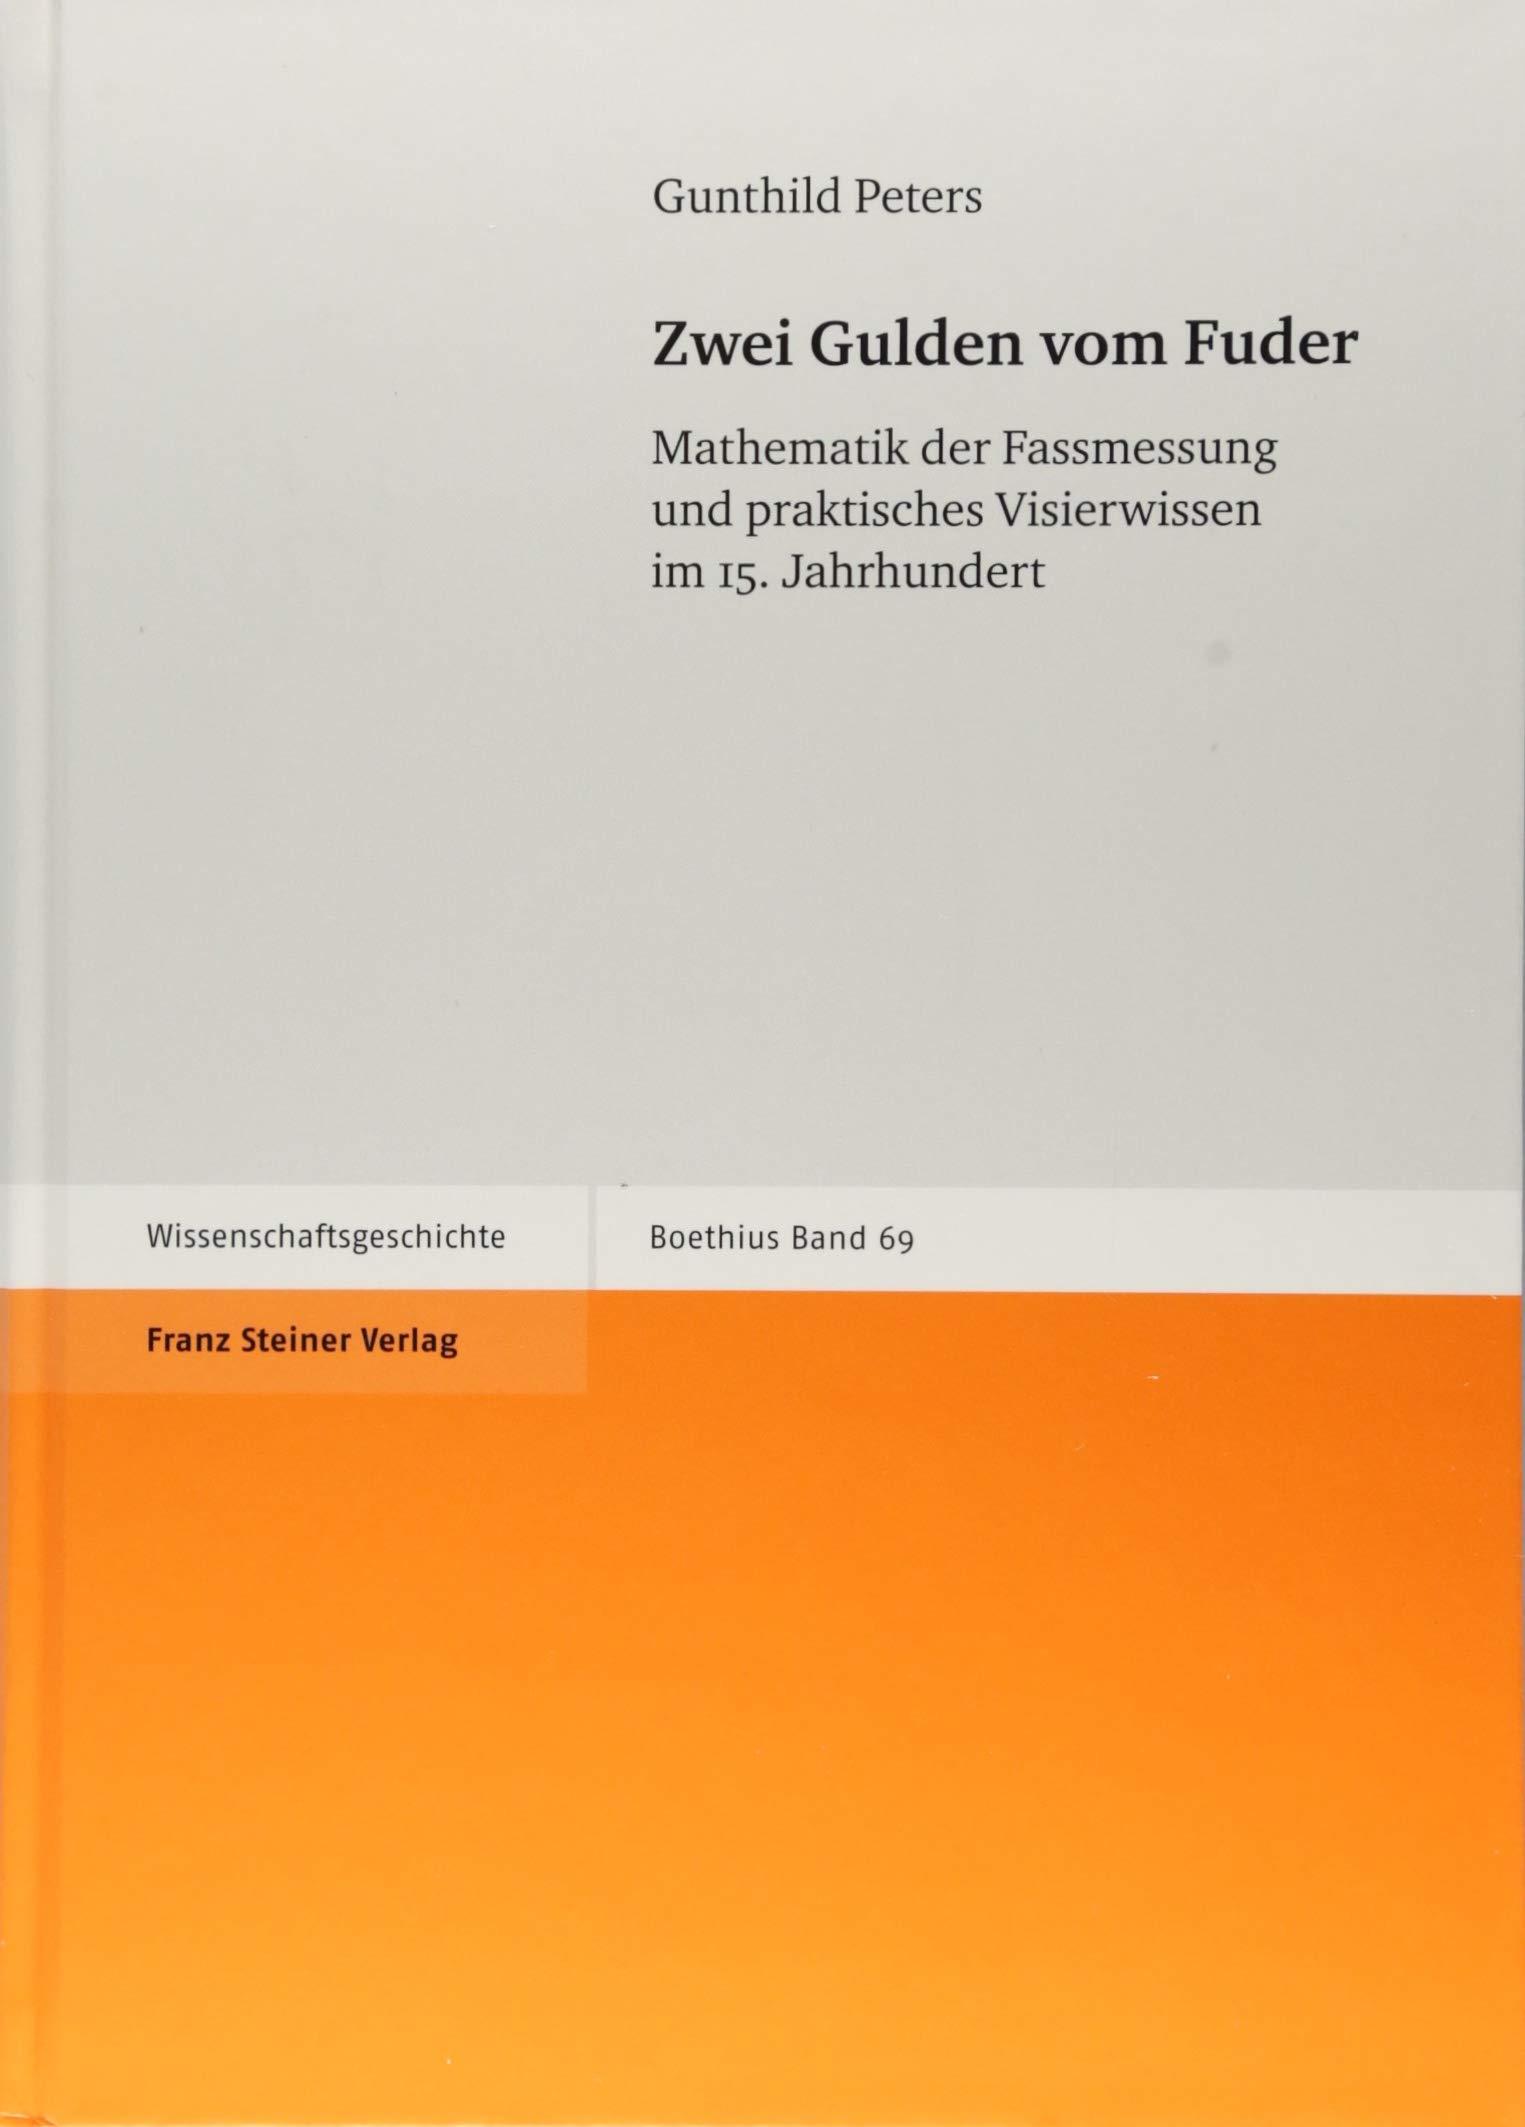 Zwei Gulden vom Fuder: Mathematik der Fassmessung und praktisches Visierwissen im 15. Jahrhundert (Boethius)